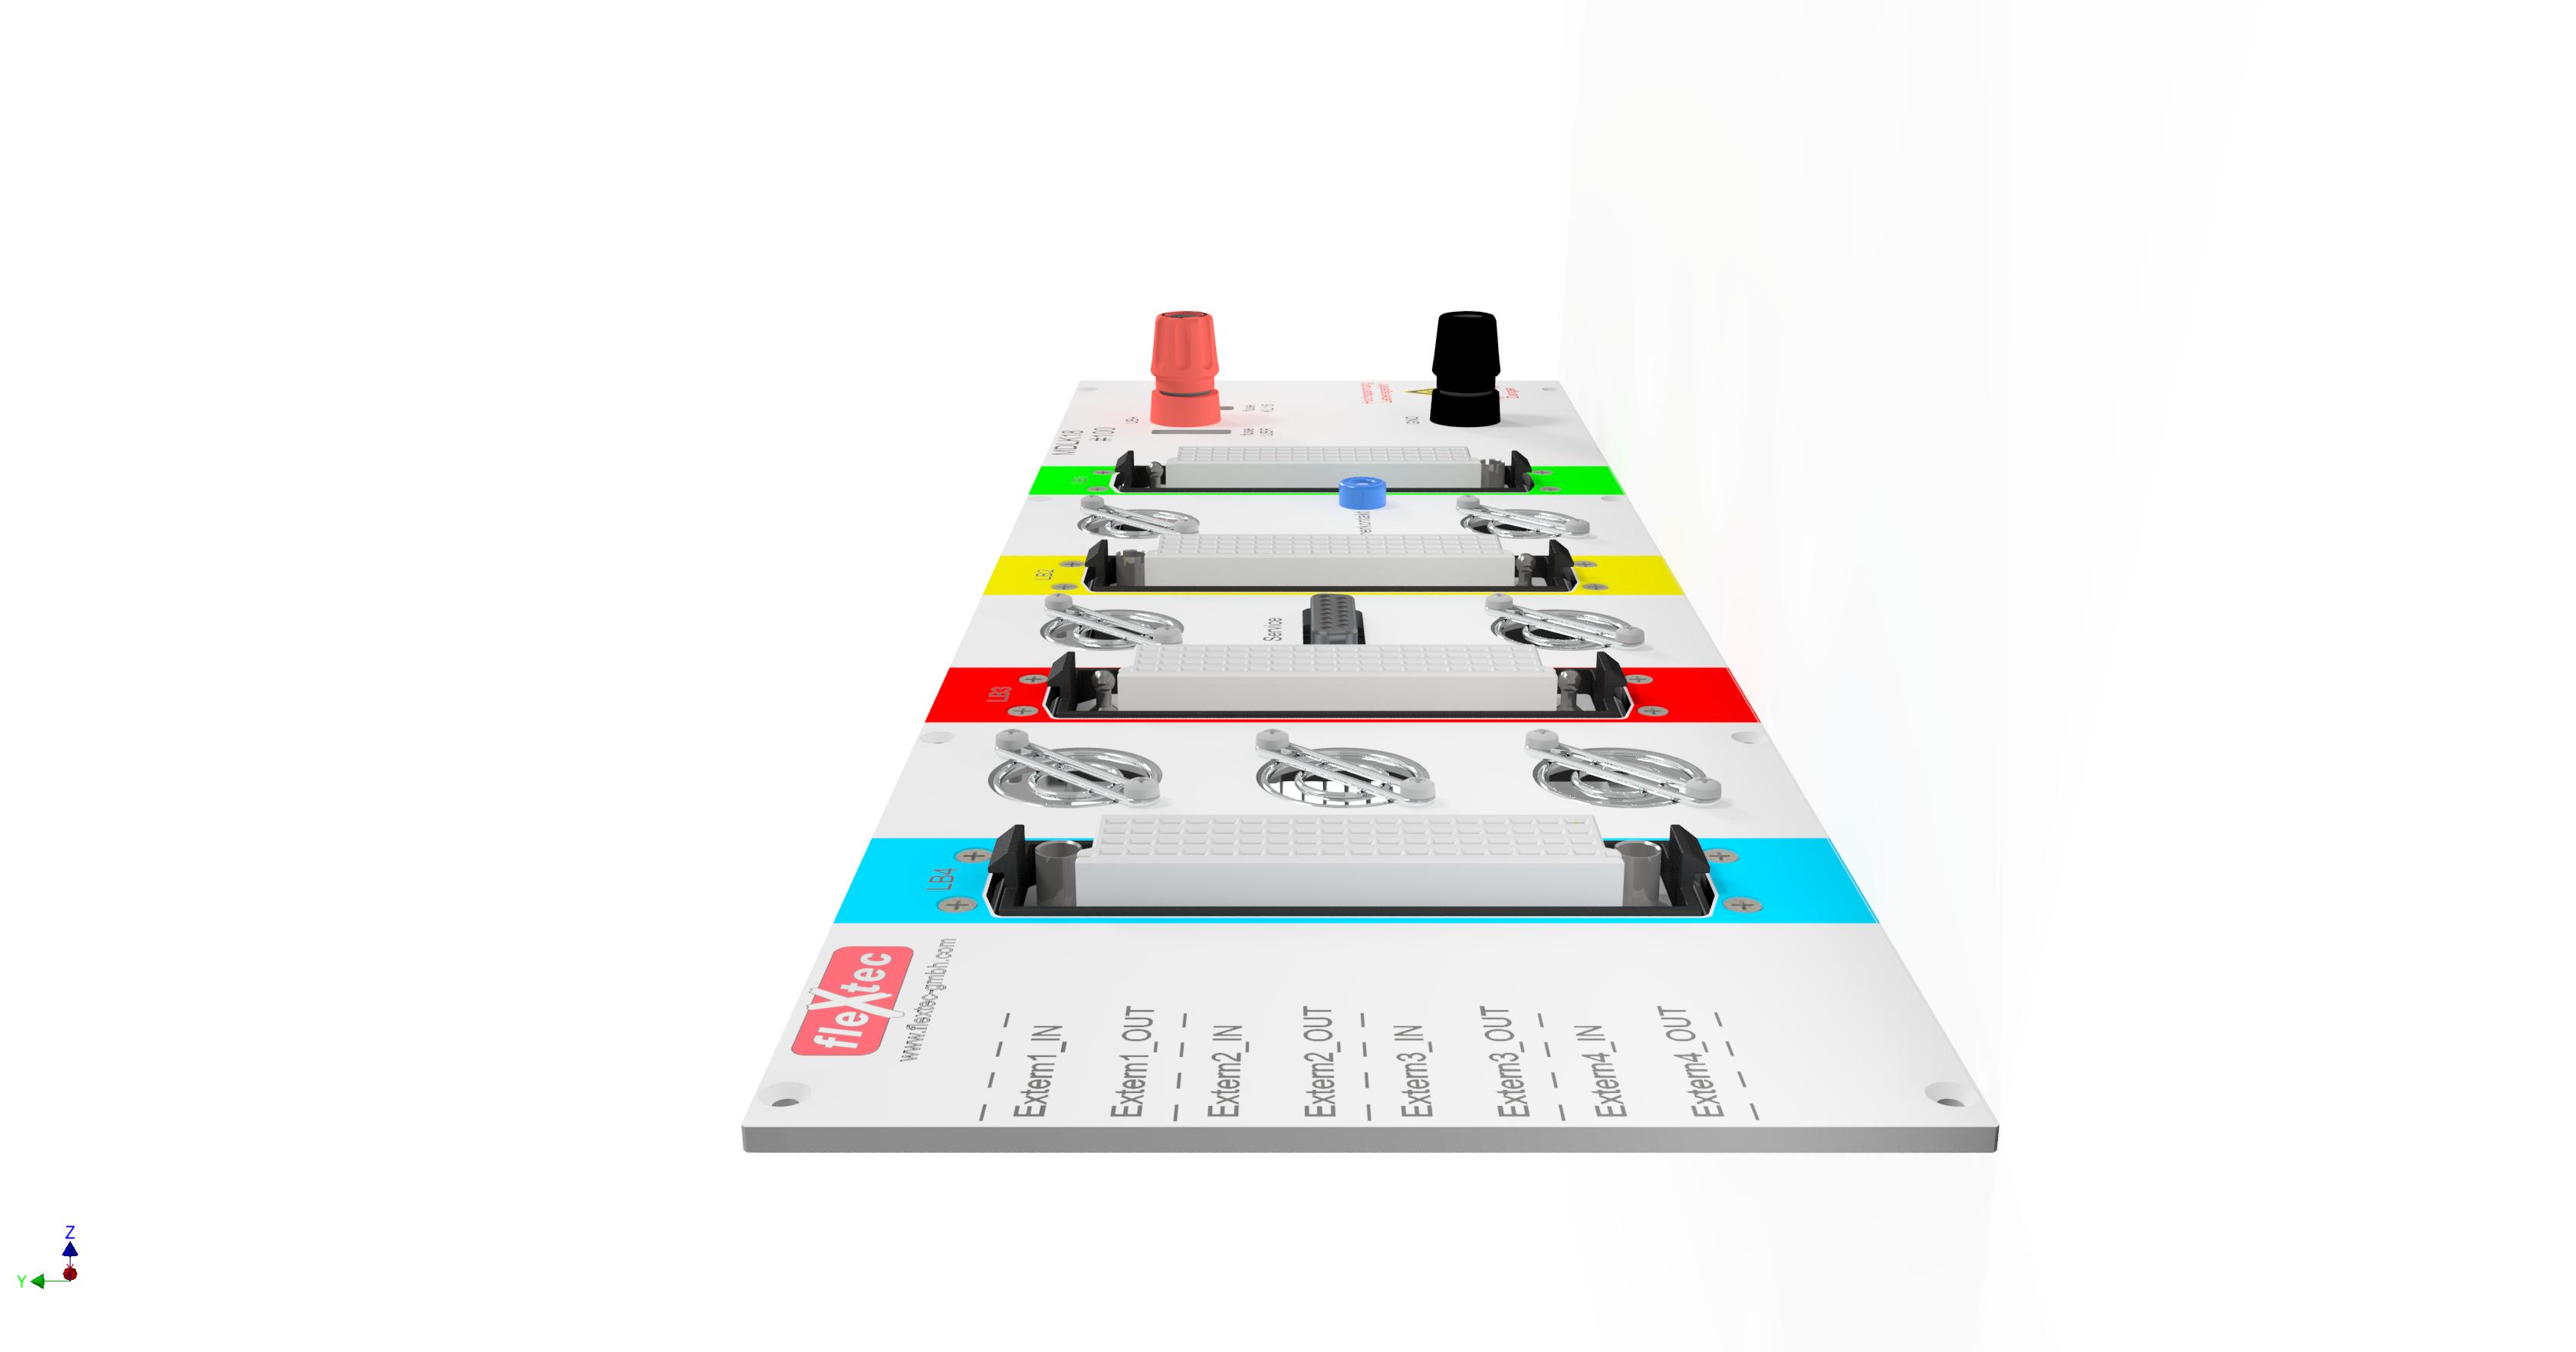 MDLK18_Zusammenbau-Rückplatte1-2_SeitlicheDarstellung